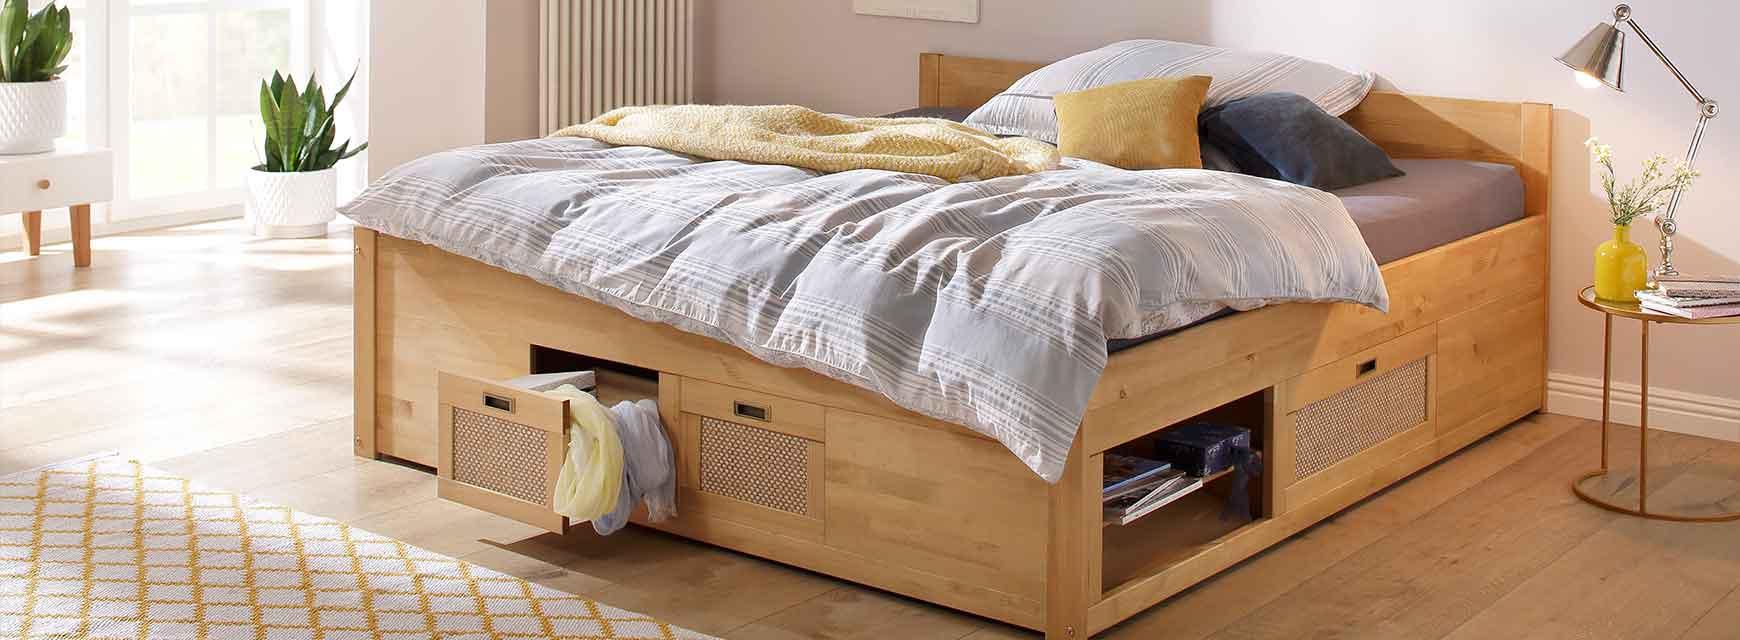 Full Size of Bett Breit Landhausstil Landhaus Online Kaufen Naturloftde Coole Betten Trends überlänge Dänisches Bettenlager Badezimmer 90x200 Mit Bettkasten 180x200 Bett Bett 1.20 Breit